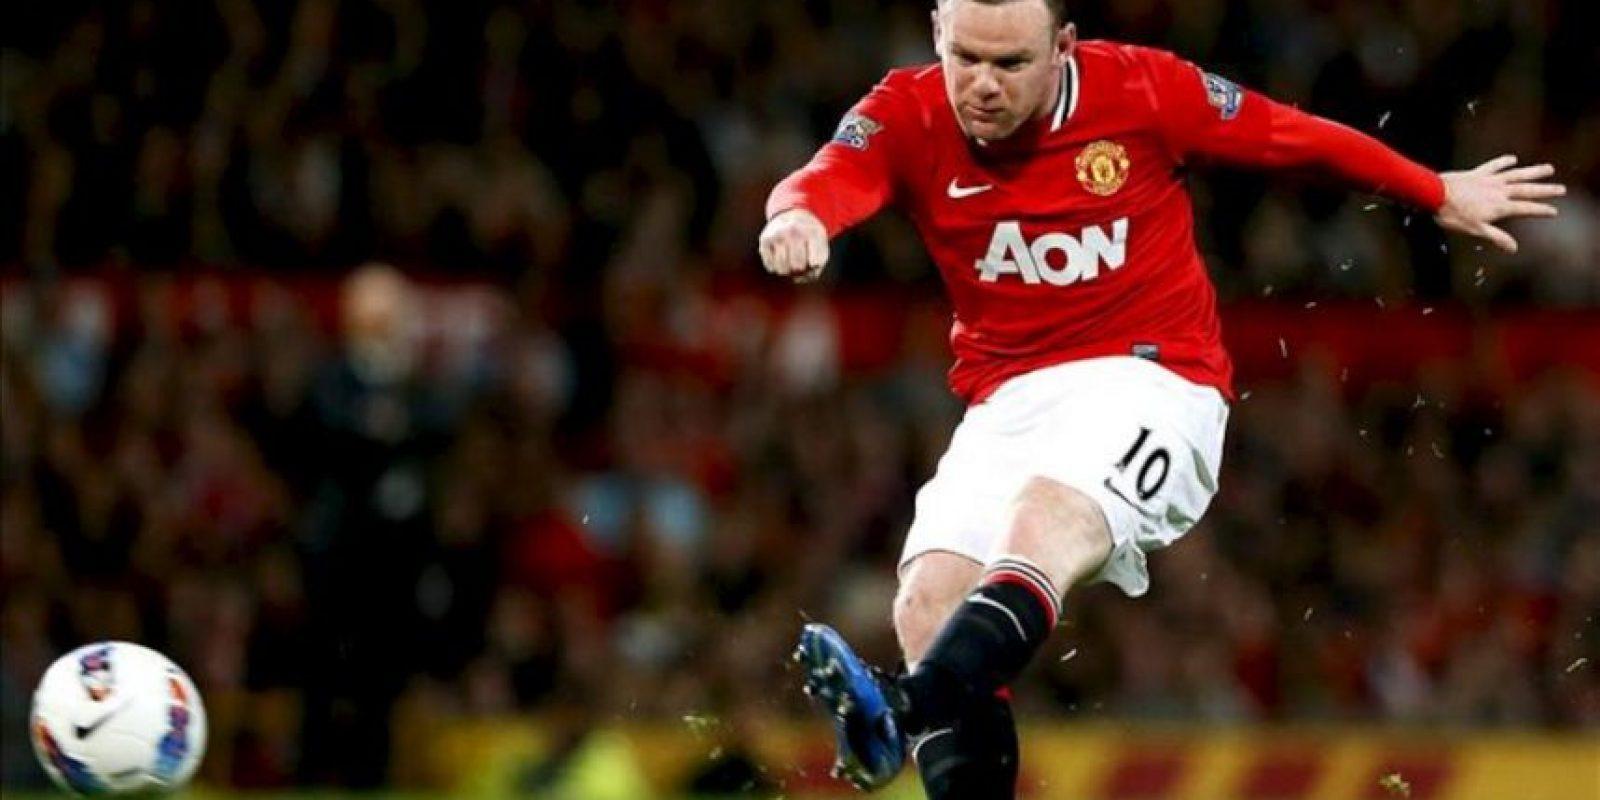 El jugador Manchester United Wayne Rooney patea el balón durante un partido de su equipo ante el Fulham por la Liga Premier en el estadio Old Trafford de Manchester (Reino Unido). EFE